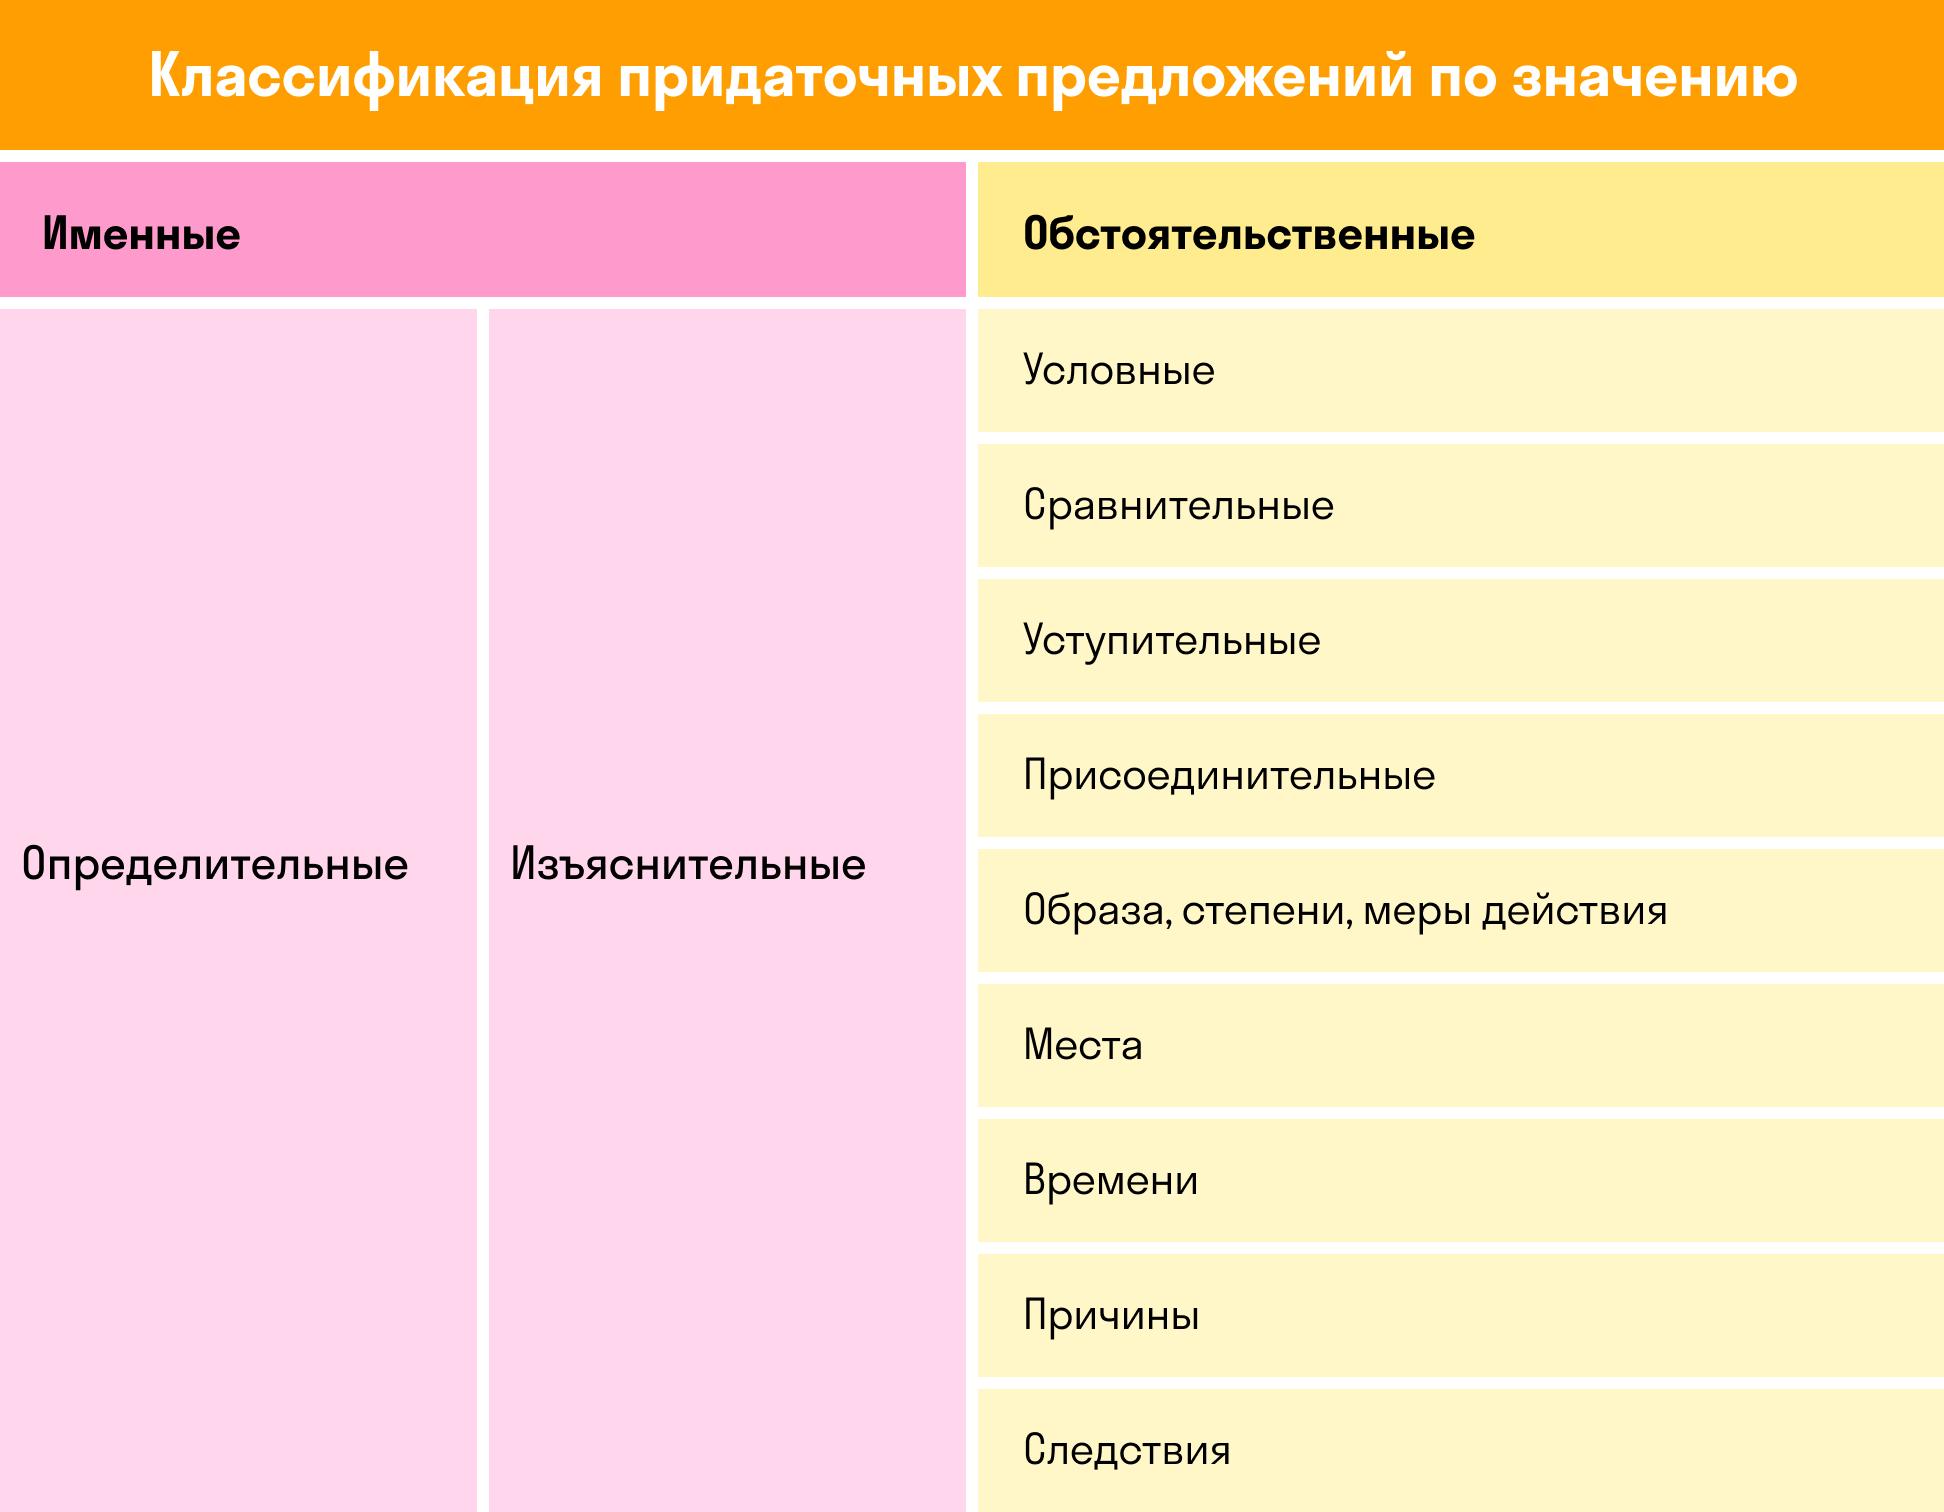 Классификация придаточных предложений | skysmart.ru